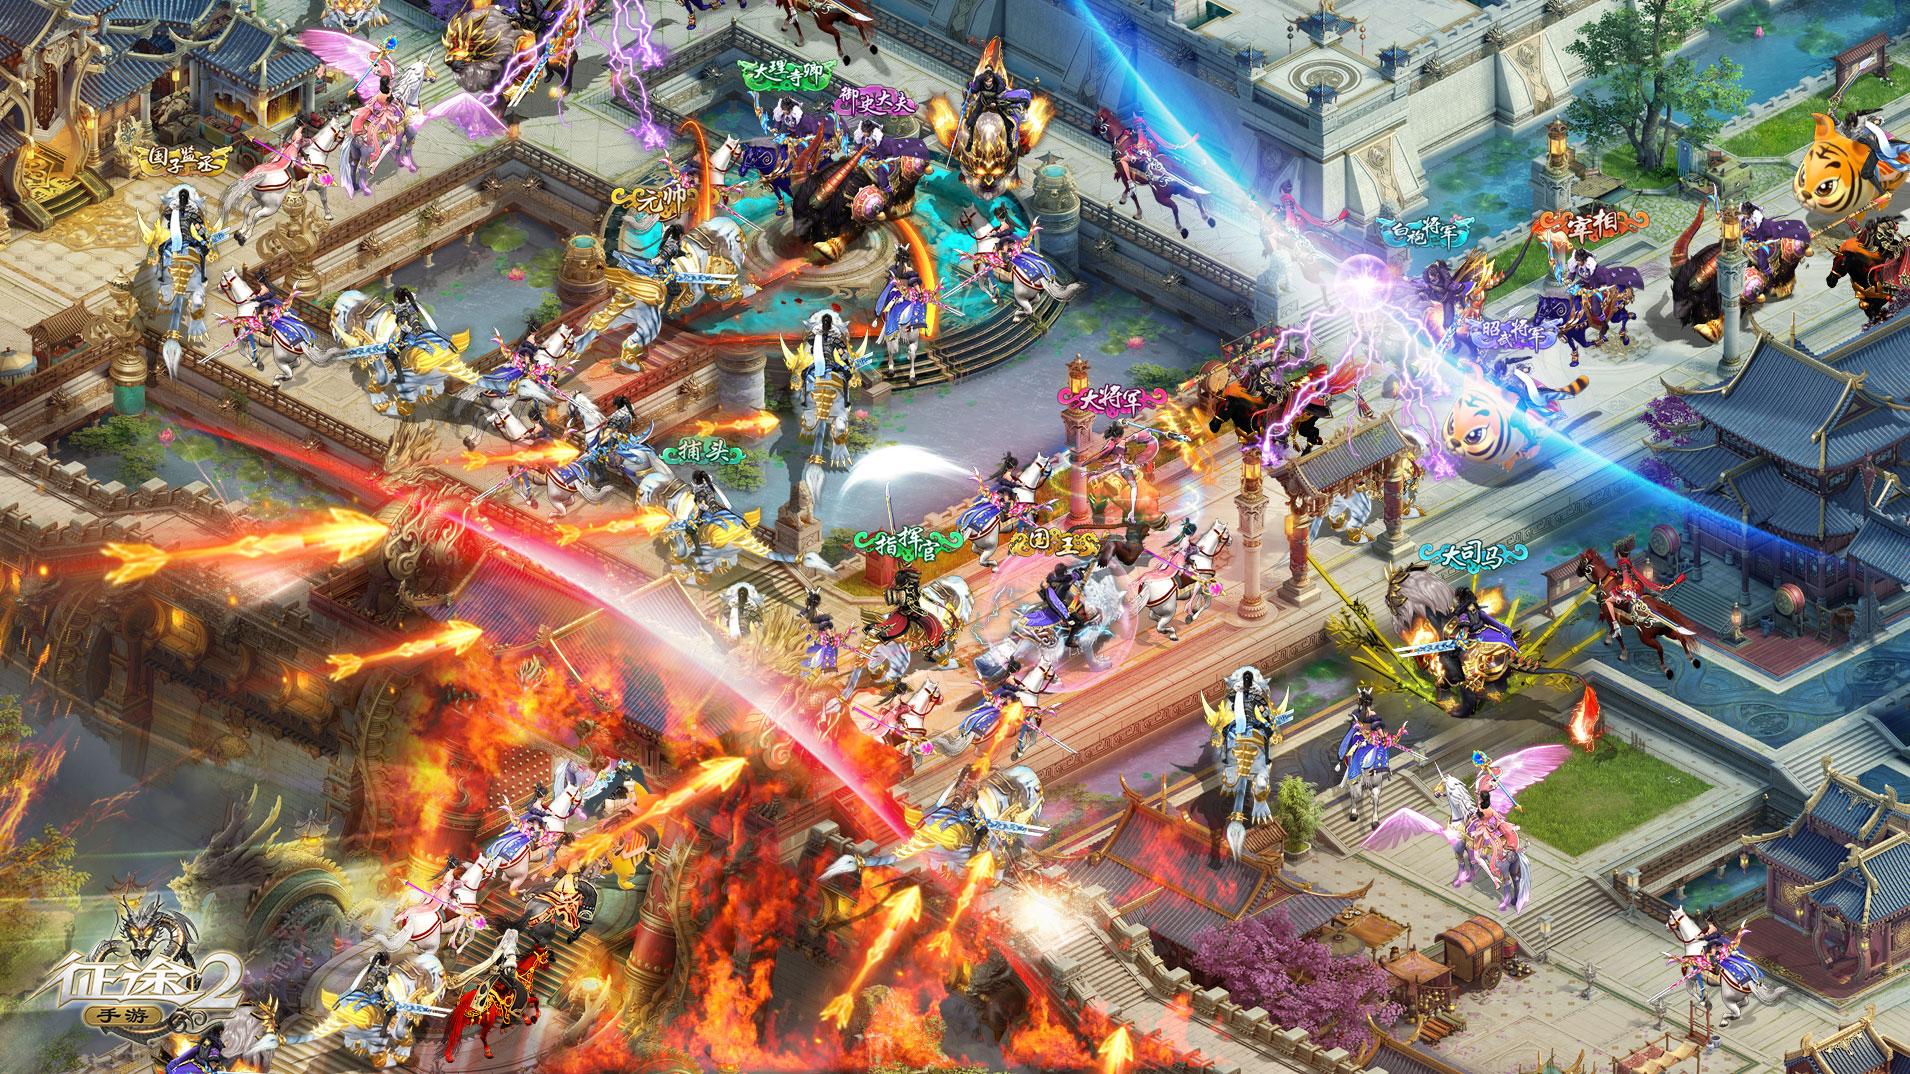 《征途2》手游4月12日全平台上线 共赴12年征途盛宴